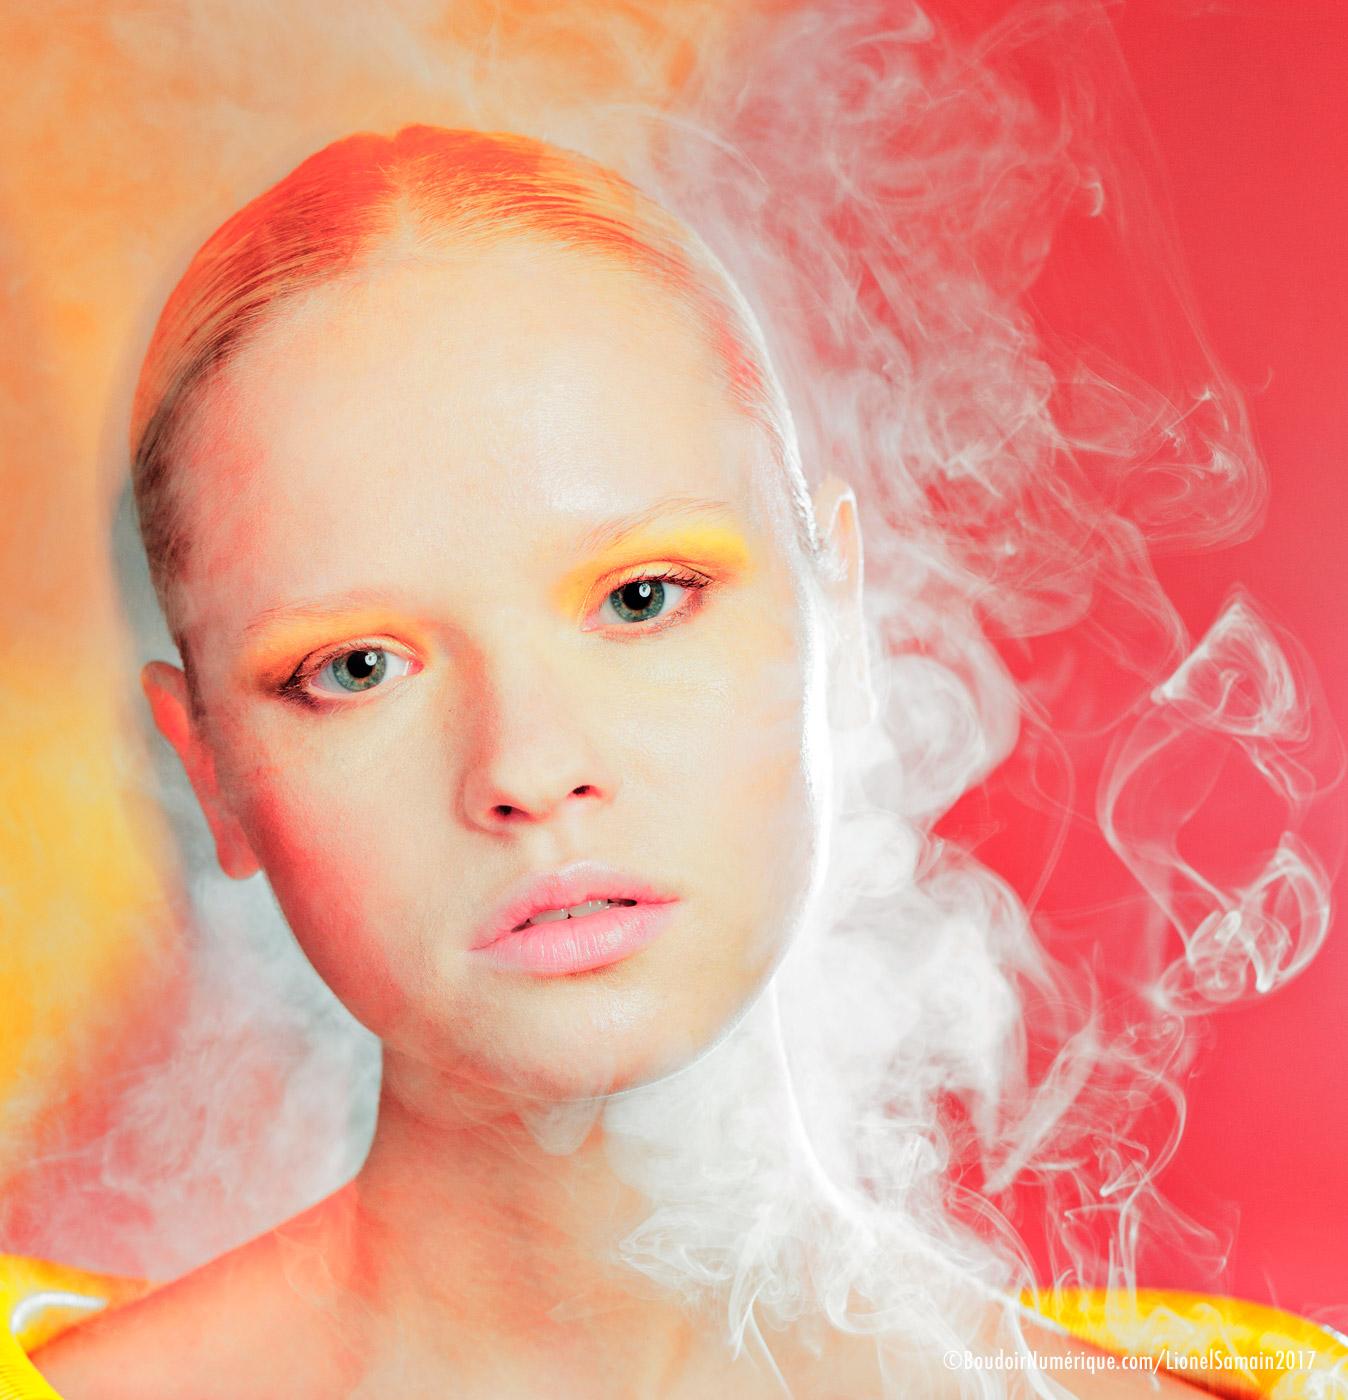 """""""Purunpurun on the go"""" by Le Boudoir Numérique. Photographer : Lionel Samain. Makeup artist : Mathieu de Mayer with Dior Makeup and Bumble & Bumble. Model : Natalia M. at DMG."""